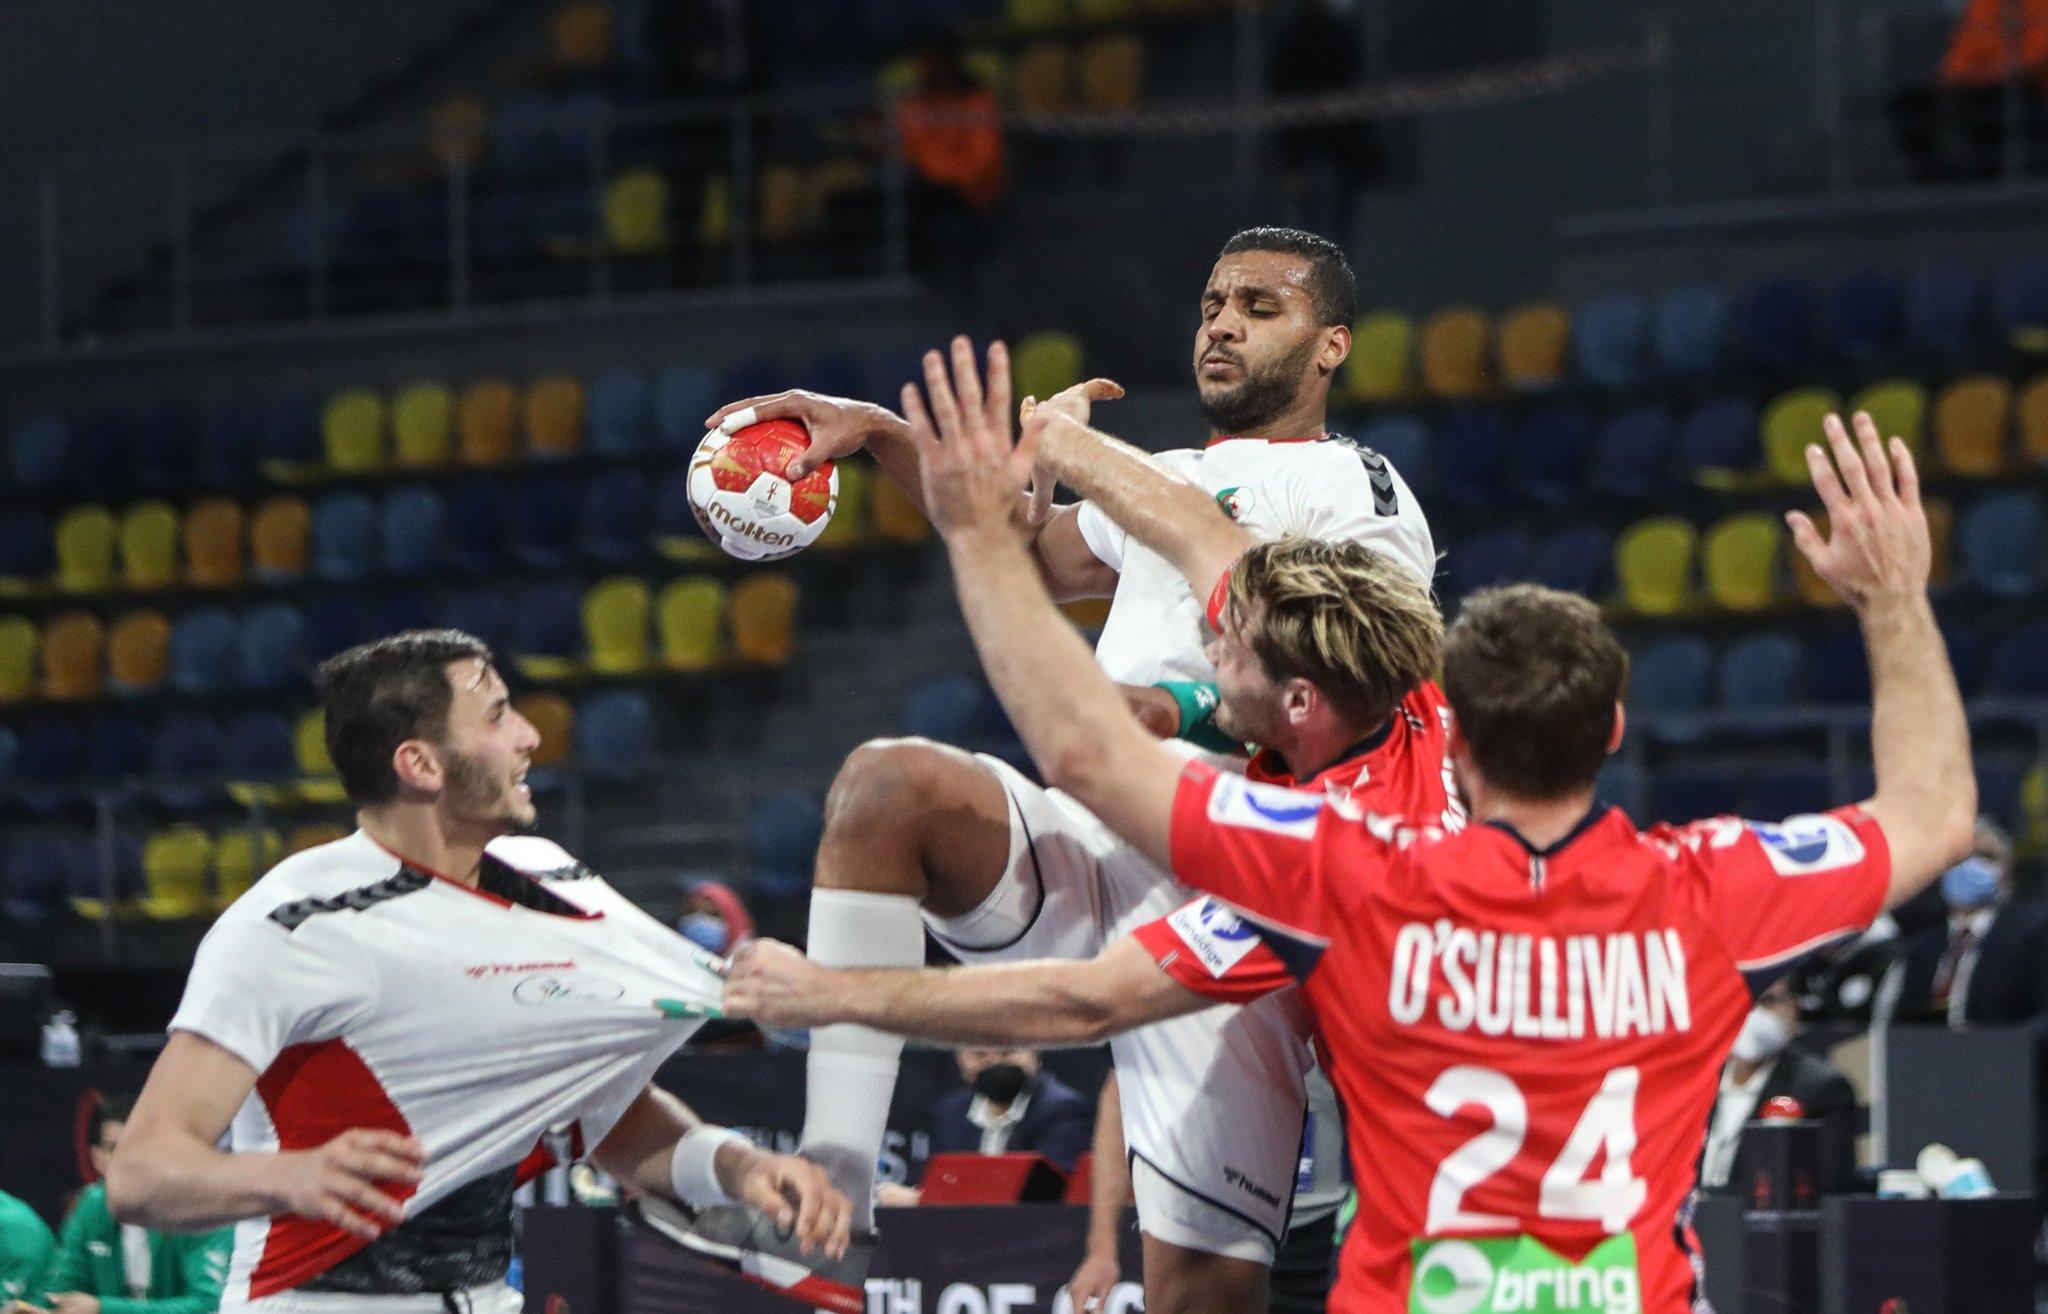 بطولة العالم لكرة اليد: المنتخب الجزائري ينهزم أمام النرويج (23-36)